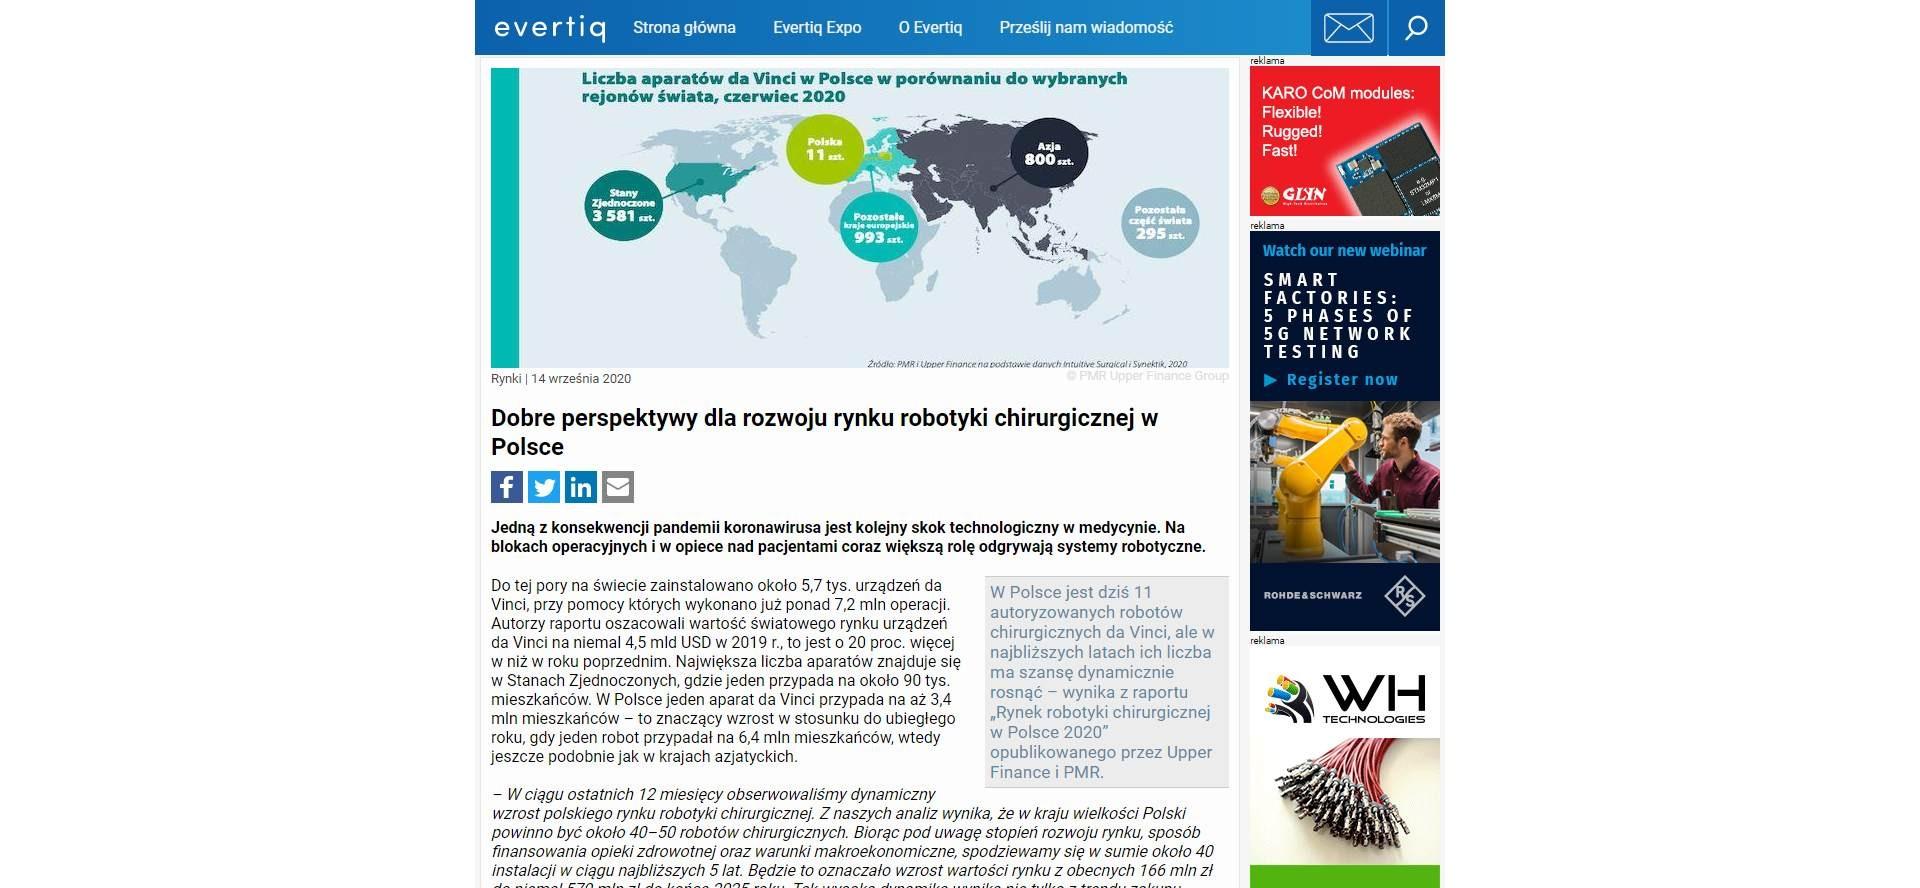 dobre perspektywy dla rozwoju rynku robotyki chirurgicznej w polsce